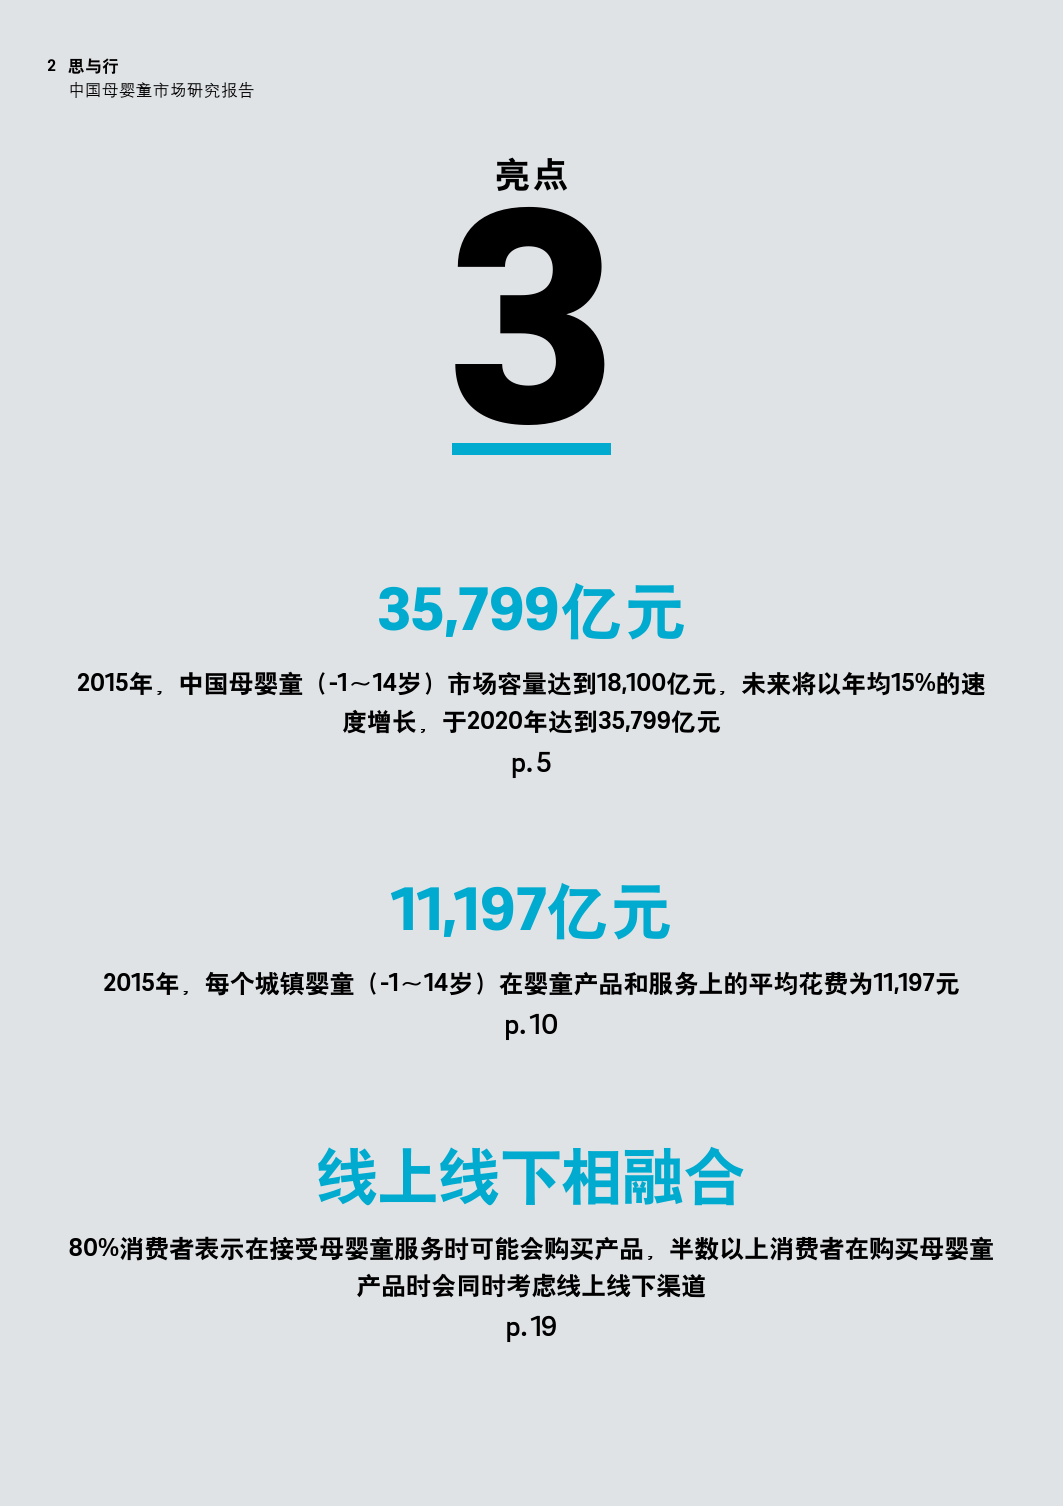 罗兰贝:2016中国母婴童市场研究报告_000002